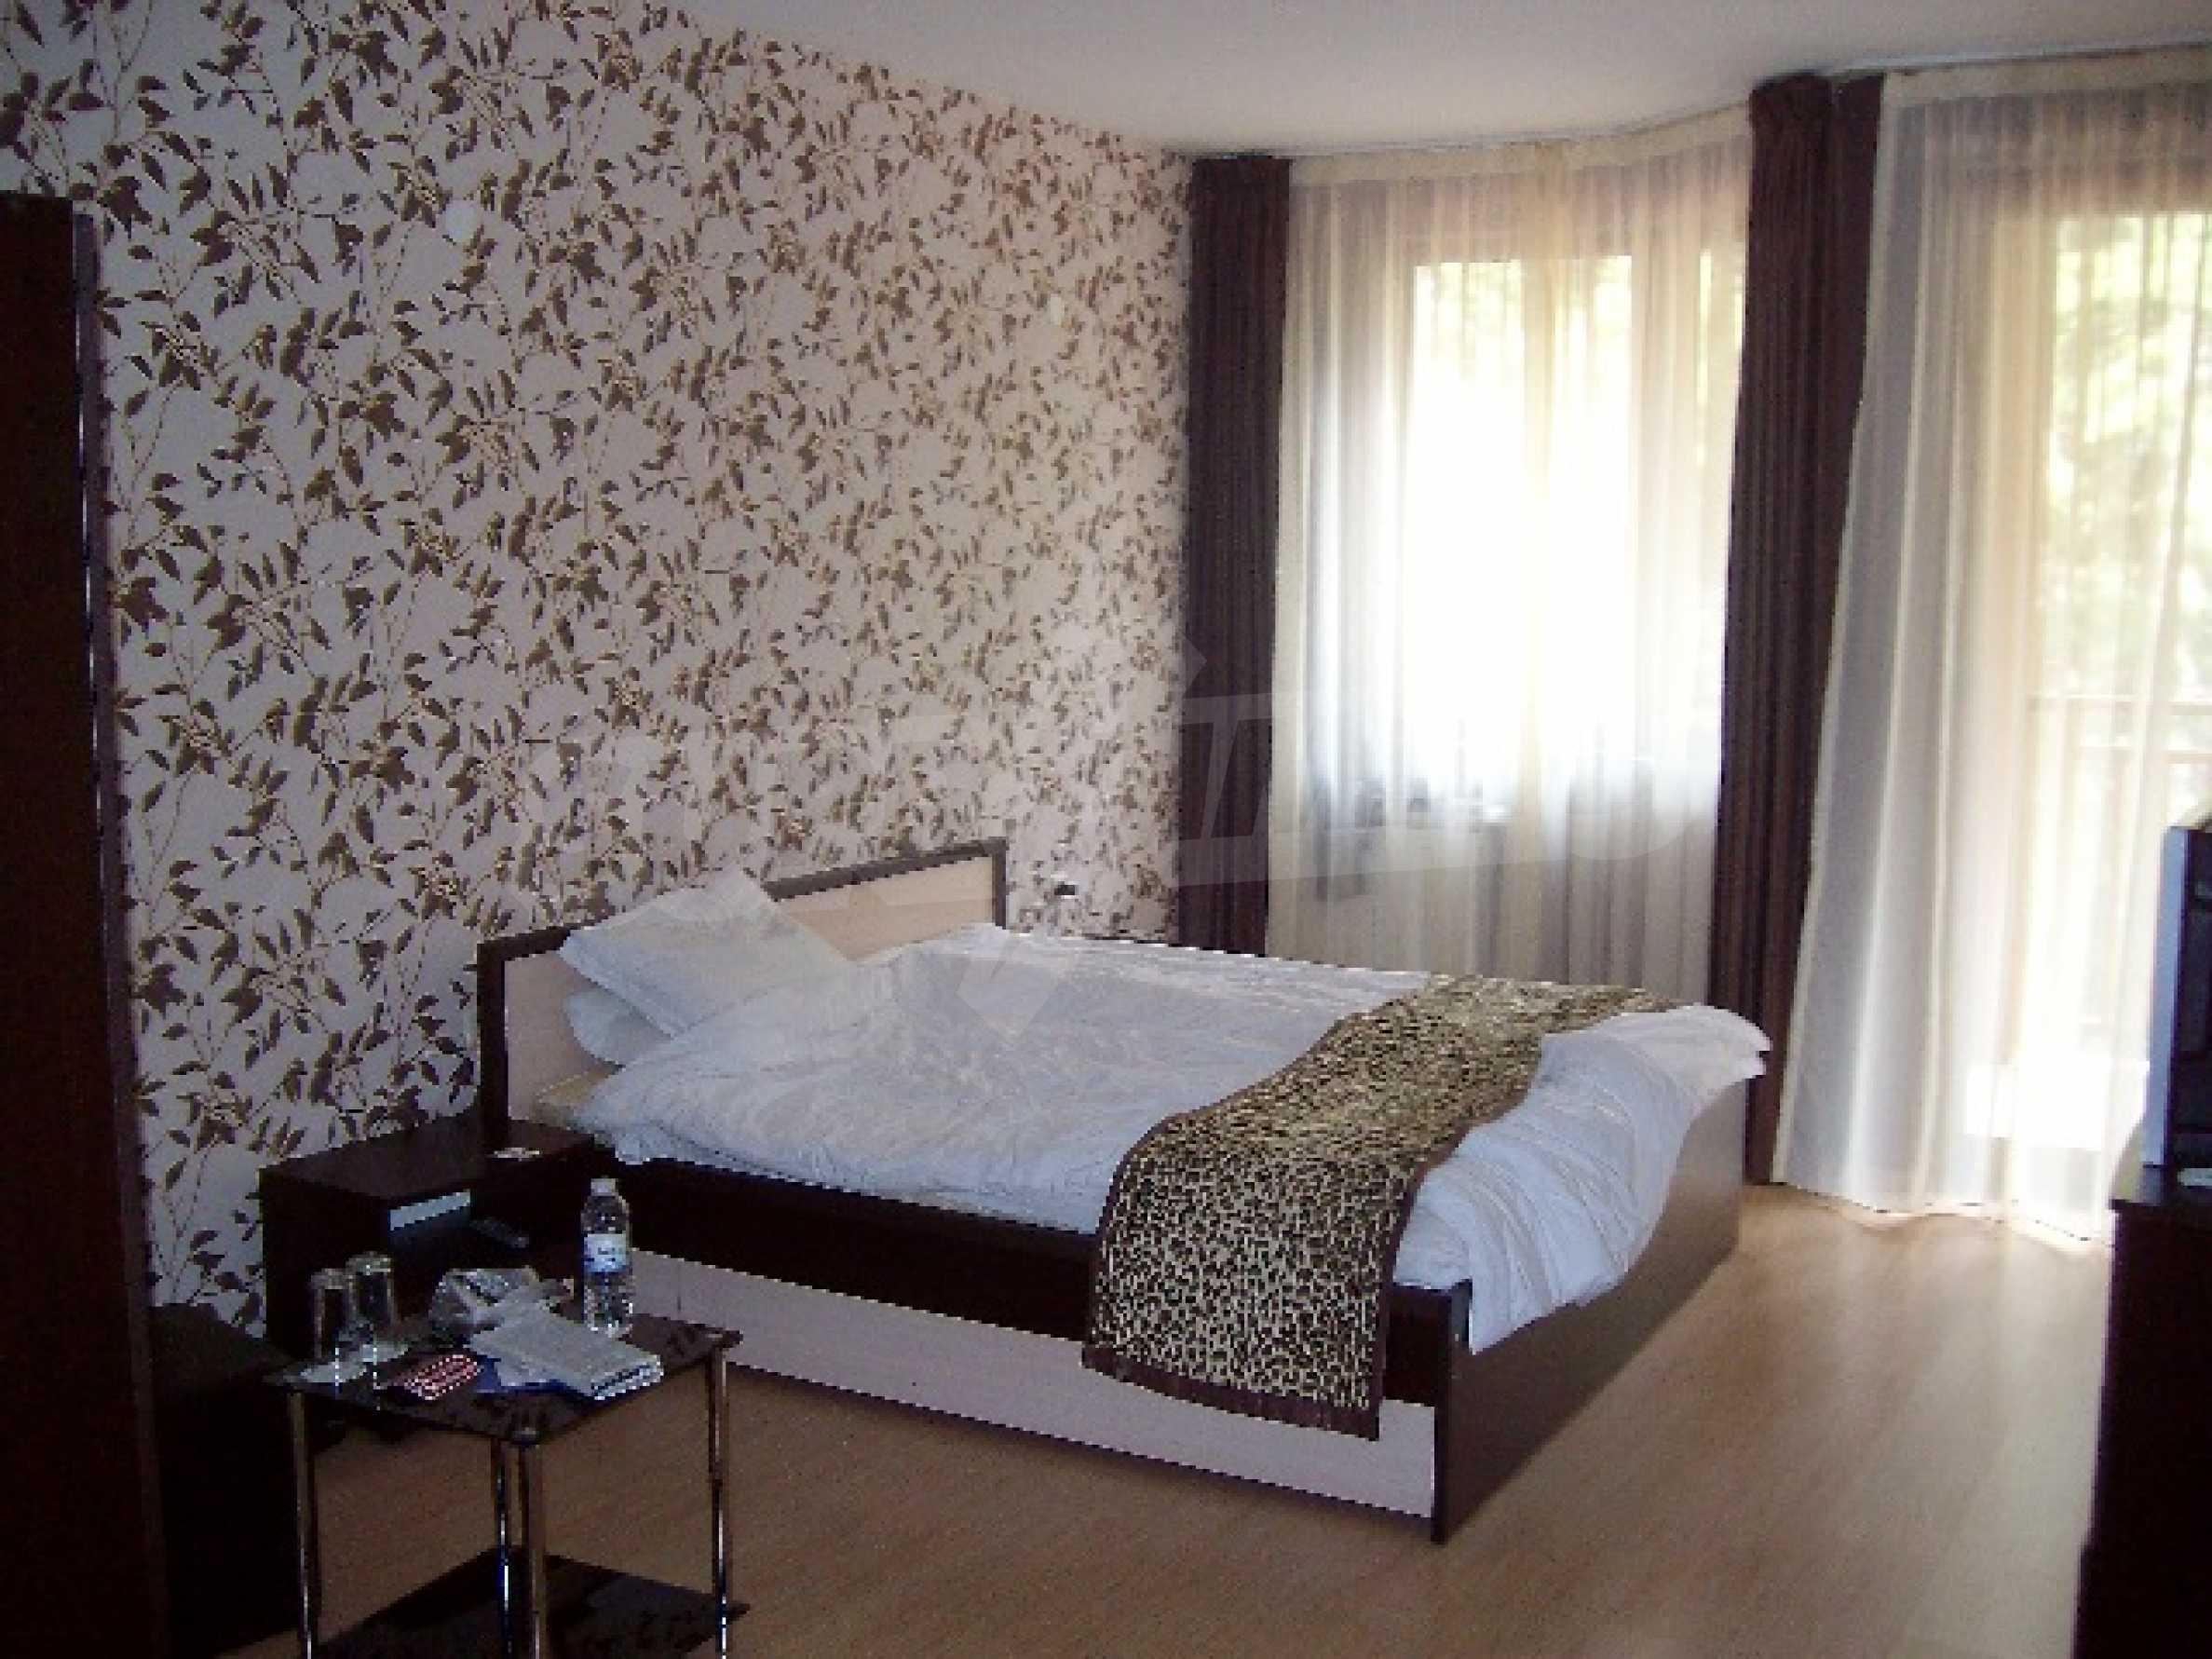 Студия в отеле Айсберг, Боровец 15